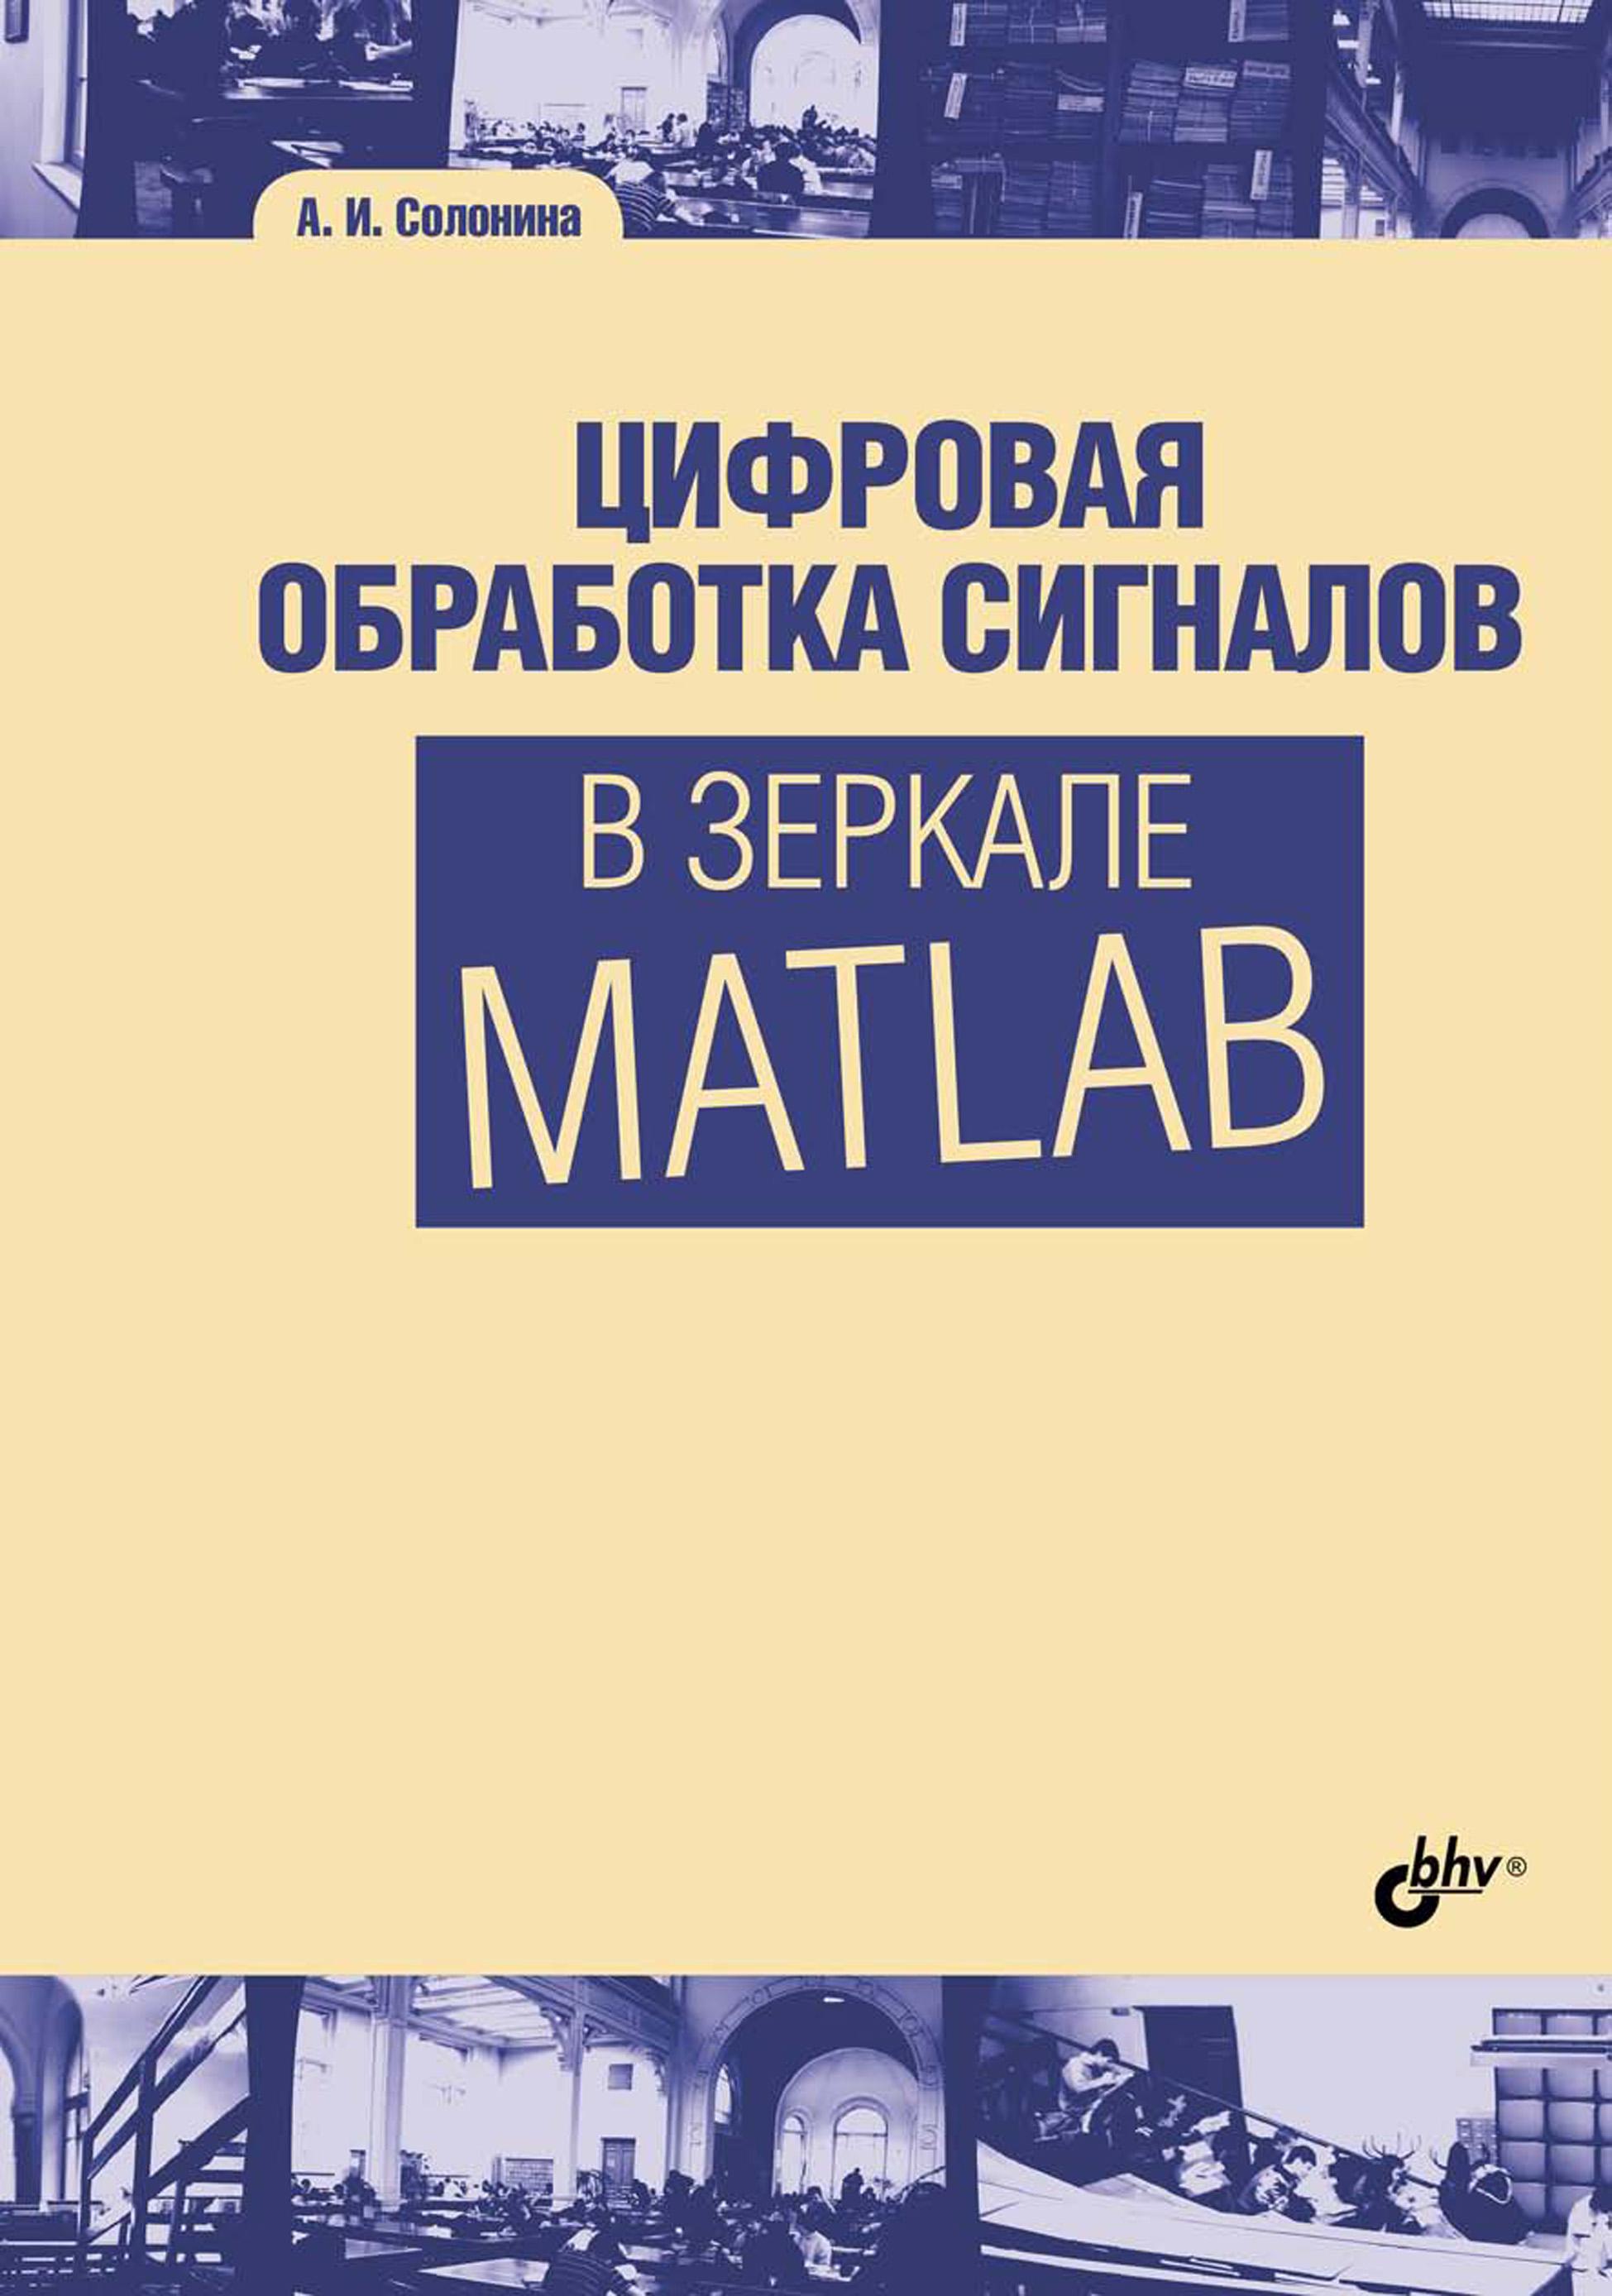 Алла Солонина Цифровая обработка сигналов в зеркале Matlab алла солонина цифровая обработка сигналов и matlab